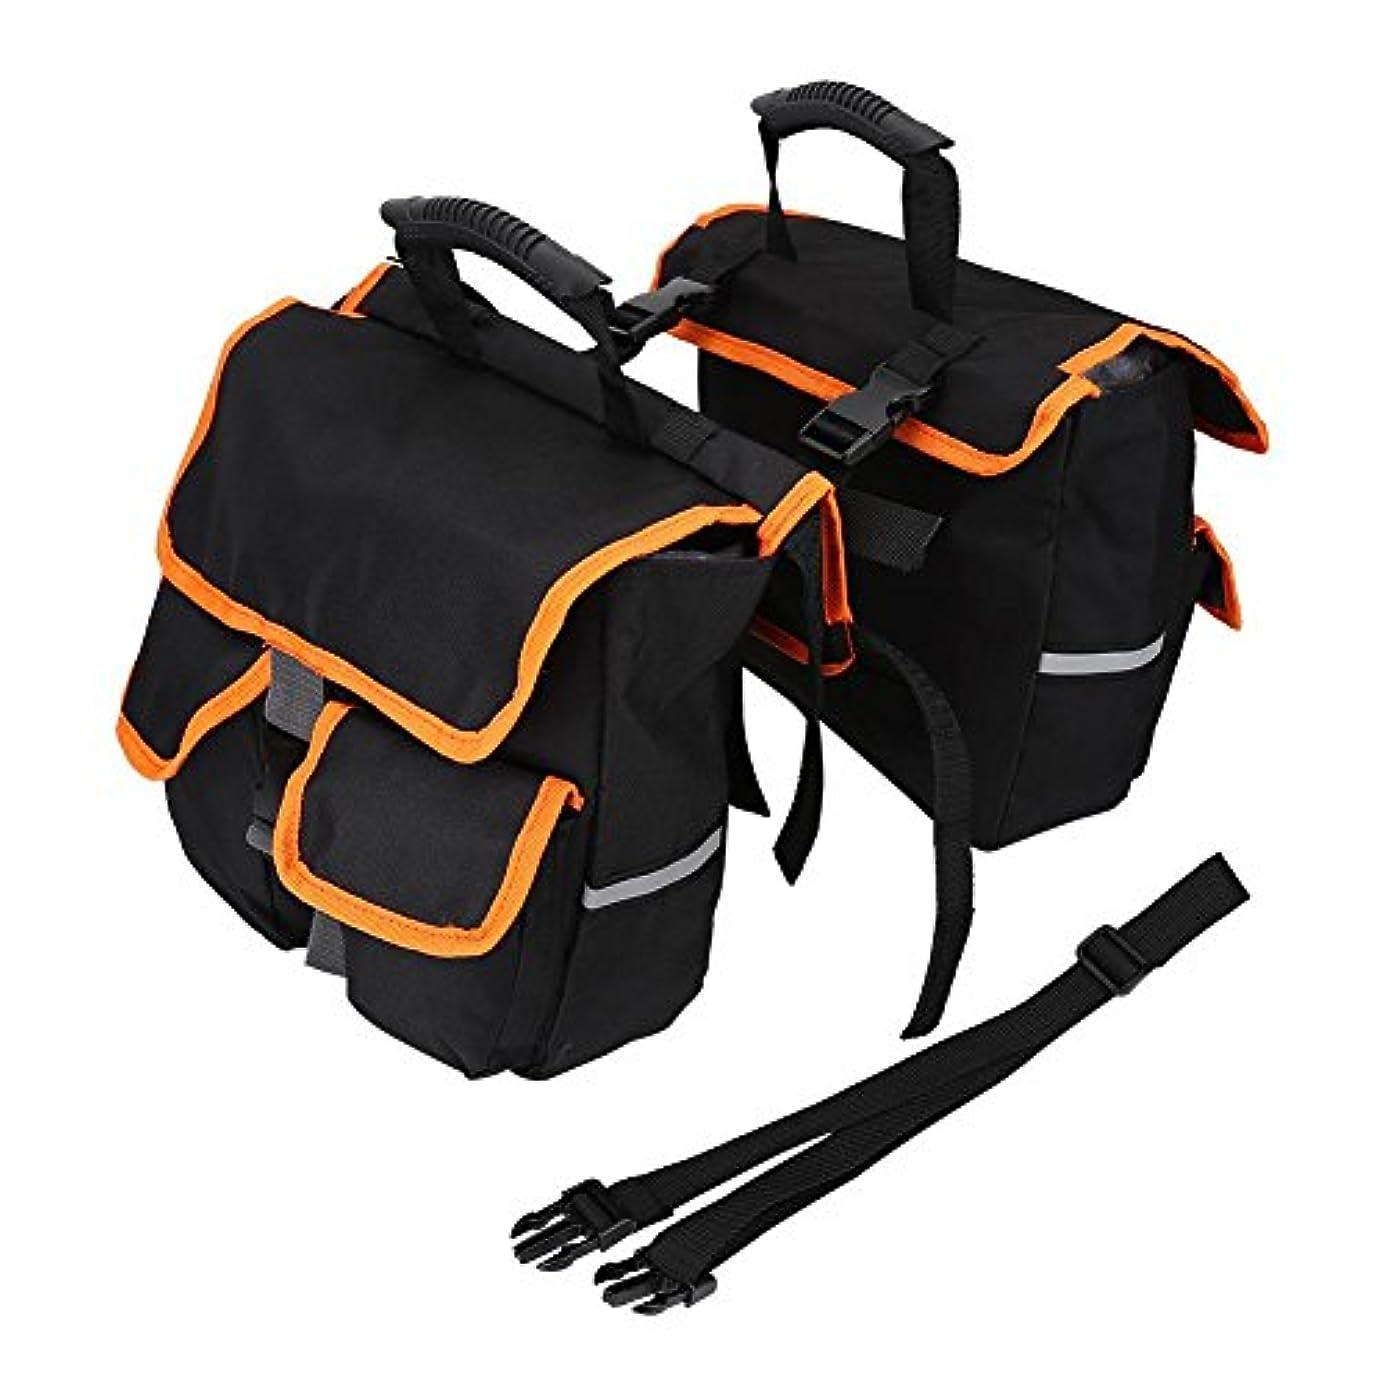 取り扱い子供時代座標自転車リアバッグ サイドバッグ サイクリング用バッグ ショルダーバッグ 防水 大容量 複数のポケット付き 小物を収納可 バイクバッグ アウトドア